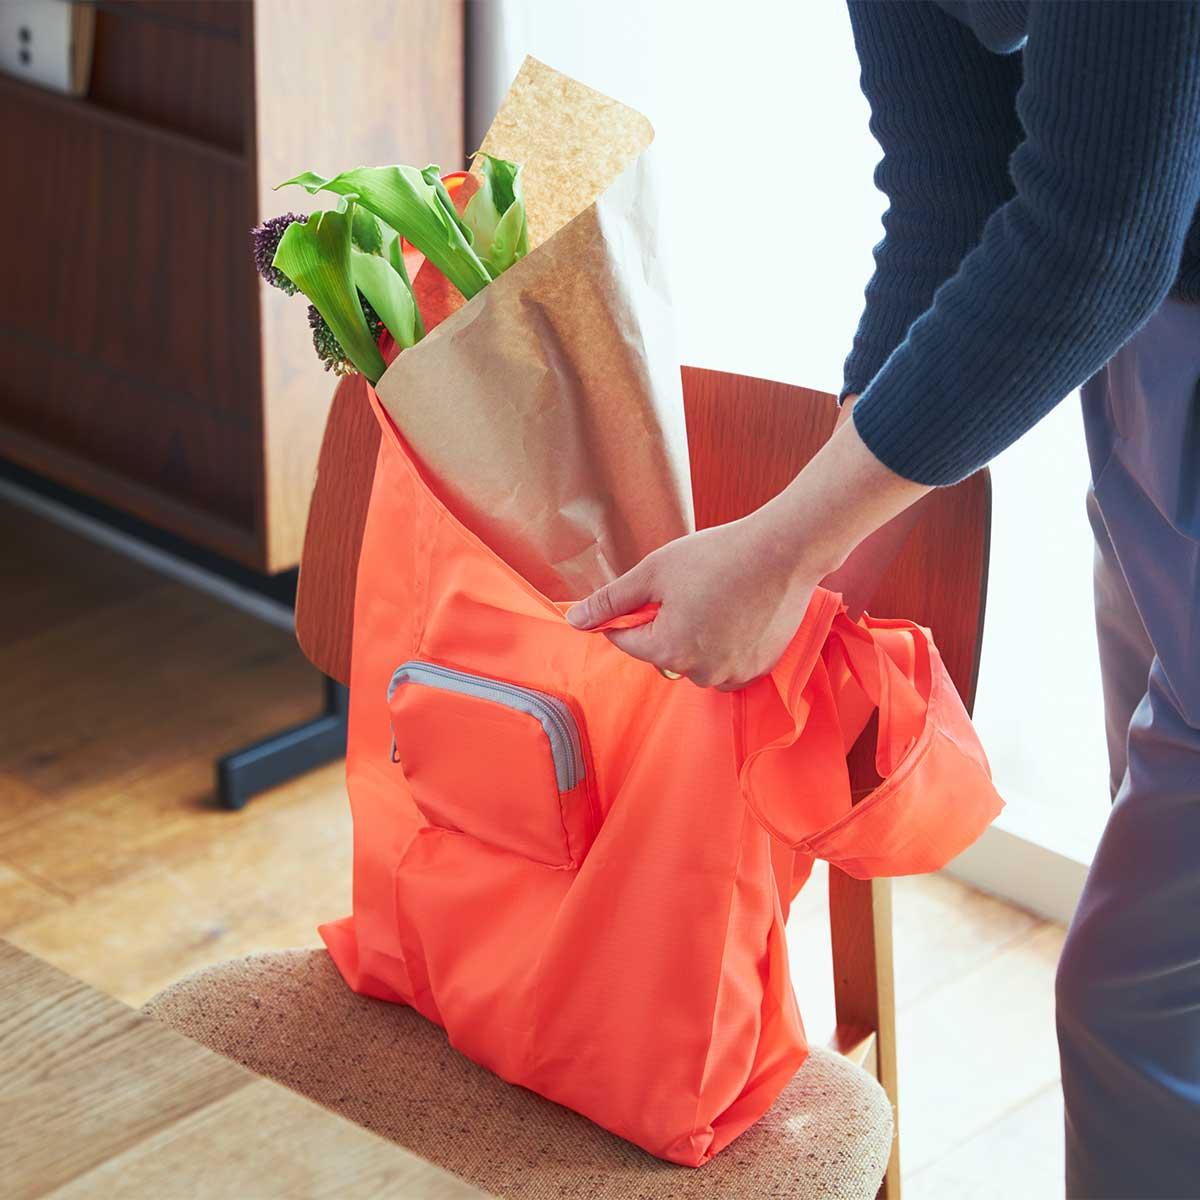 ファッションに合わせて選べる豊富なカラー展開。スマートに持ち歩ける折りたたみエコバッグ|KATOKOA